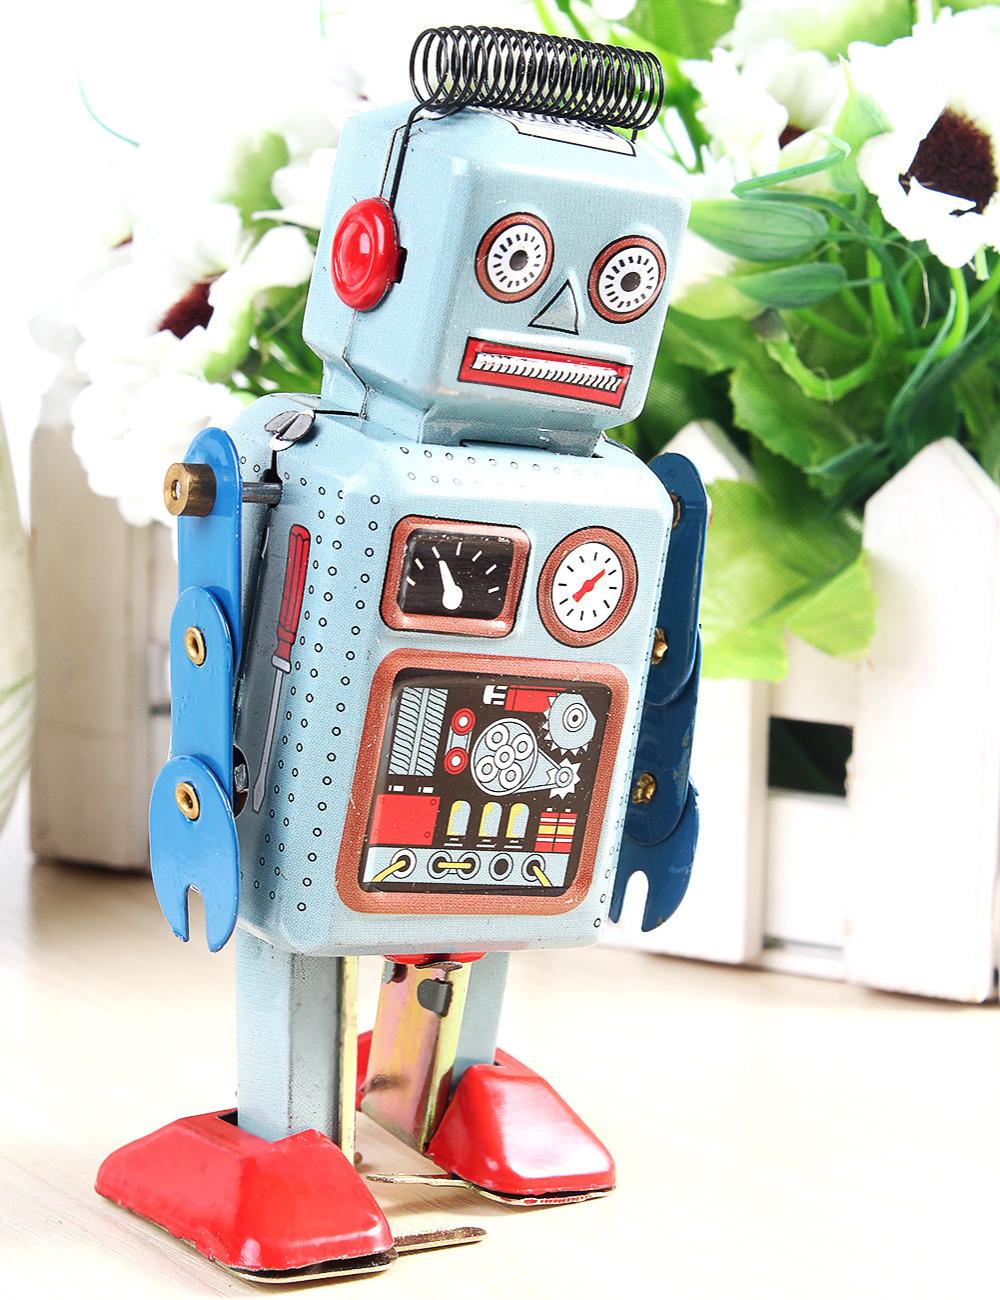 Clockwork Wind Up Metal Walking ROBOT TIN Toy Retro Vintage Mechanical Kids Gift Free Shipping(China (Mainland))